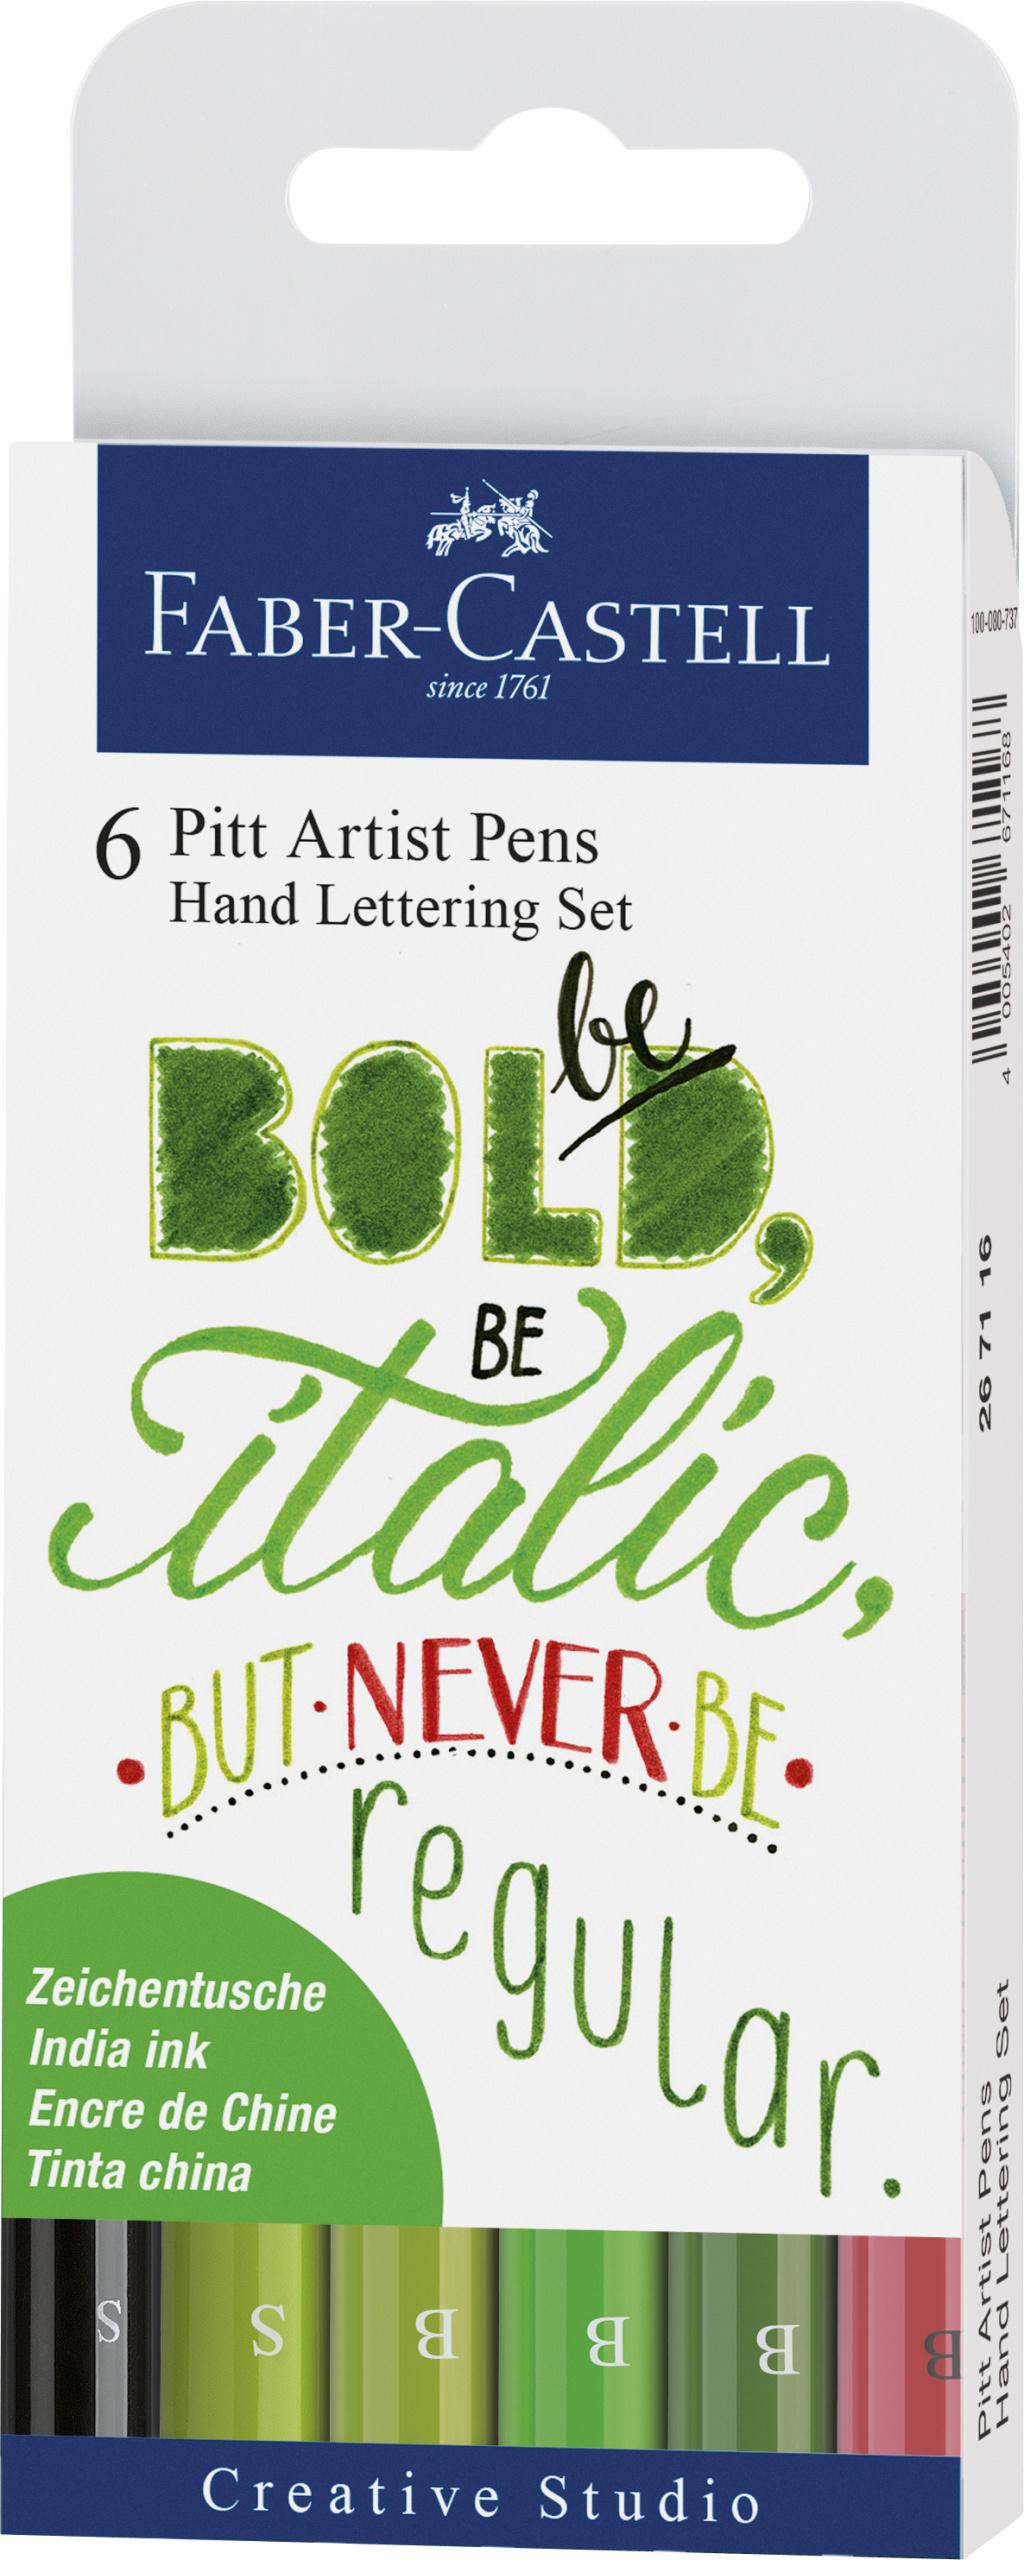 Farber-Castell Pitt Artist Pen Handlettering 6er Etui, Grüntöne #Lettering